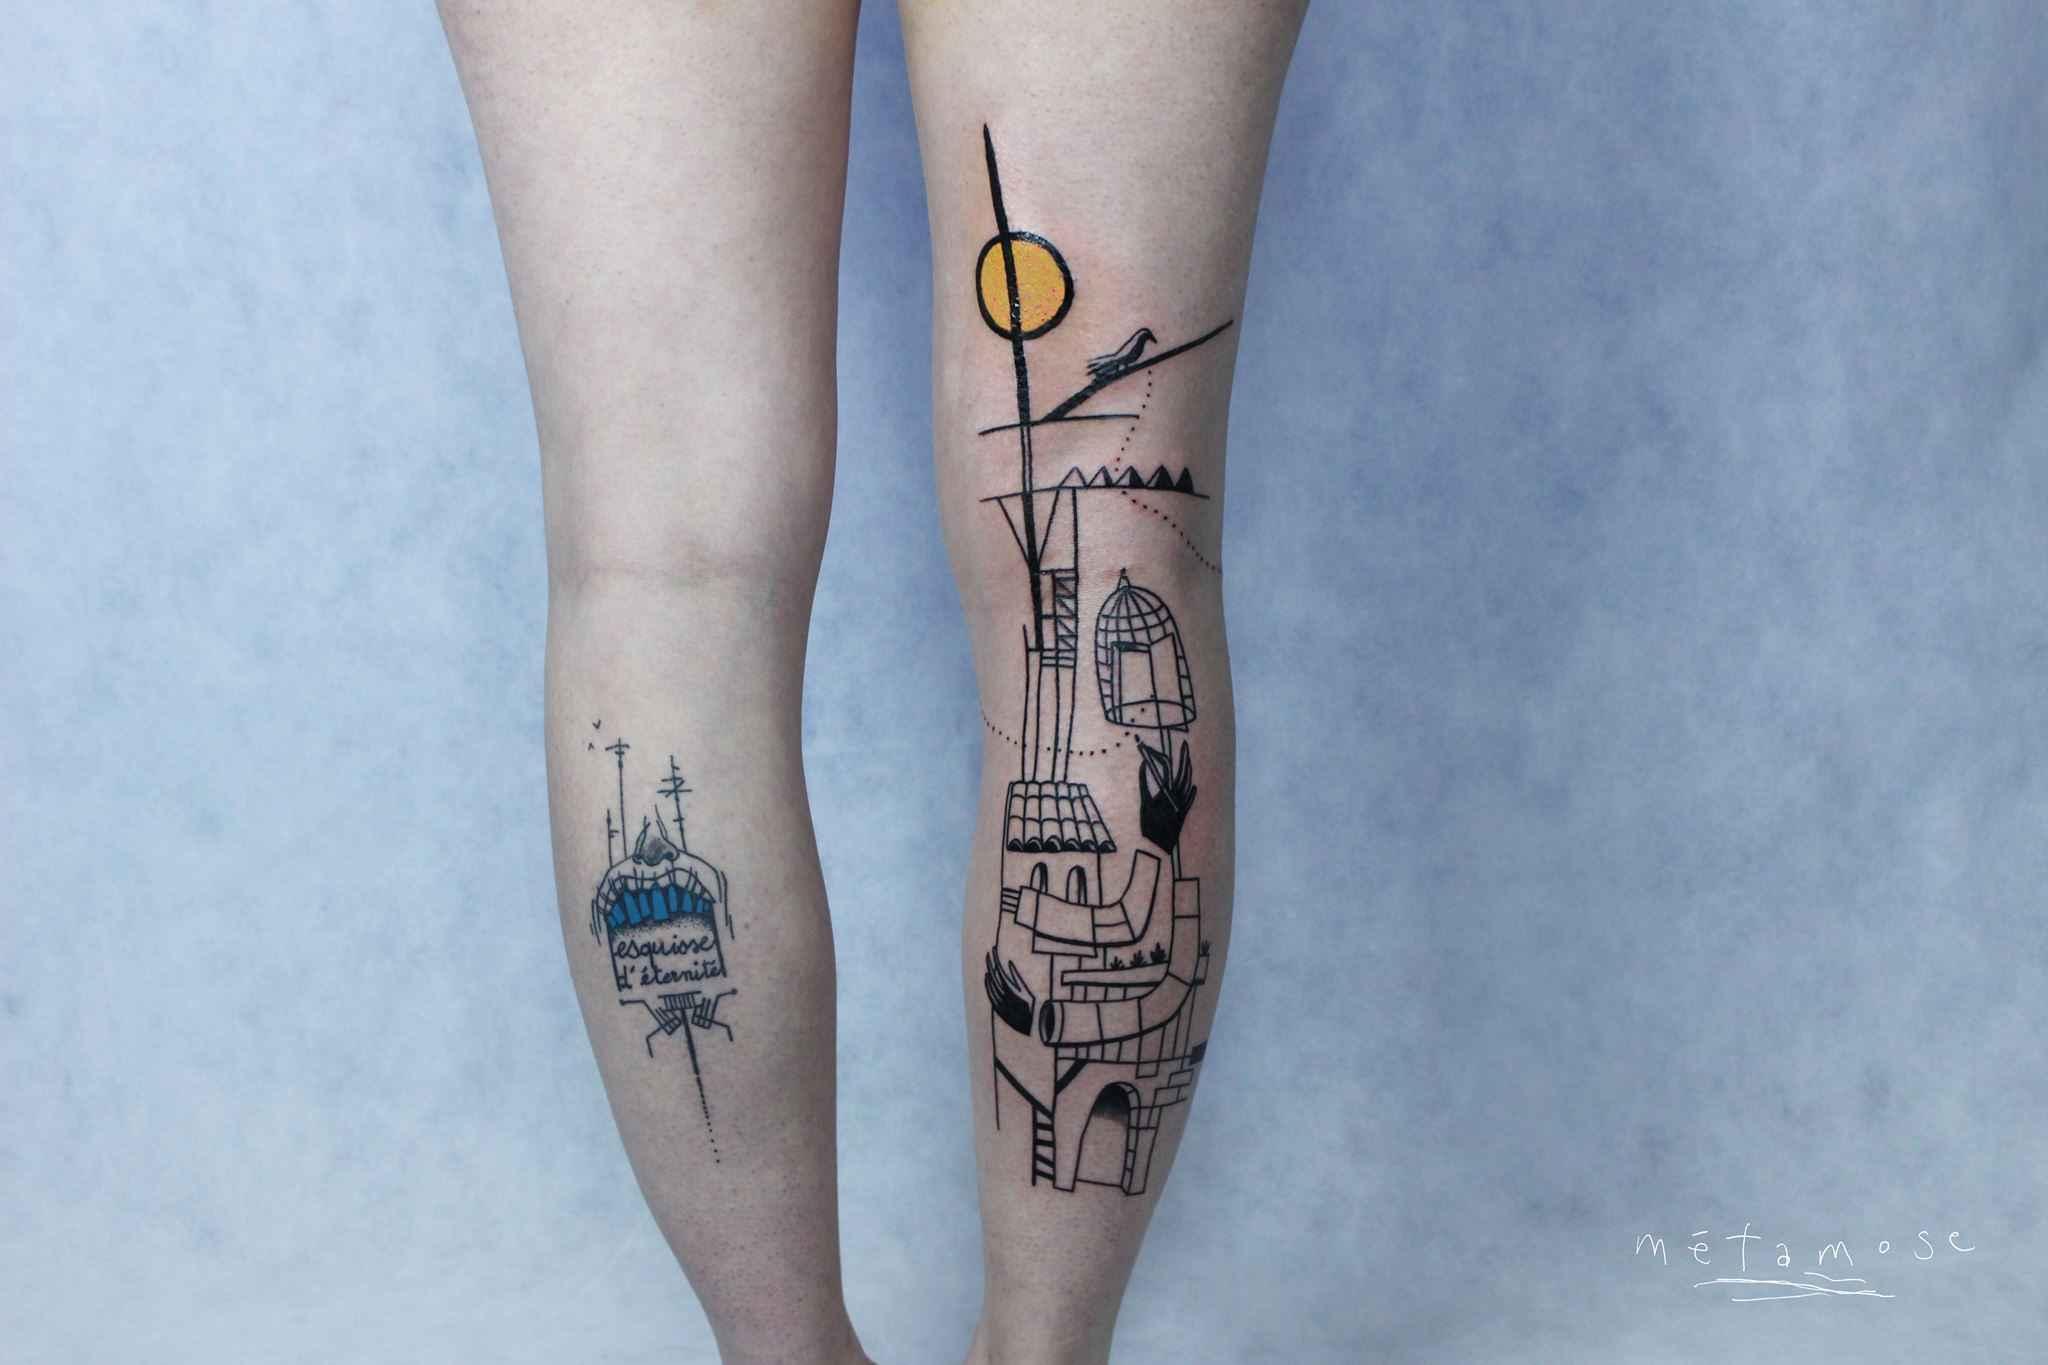 a805ad113 Maison Métamose, Tattooer - The VandalList